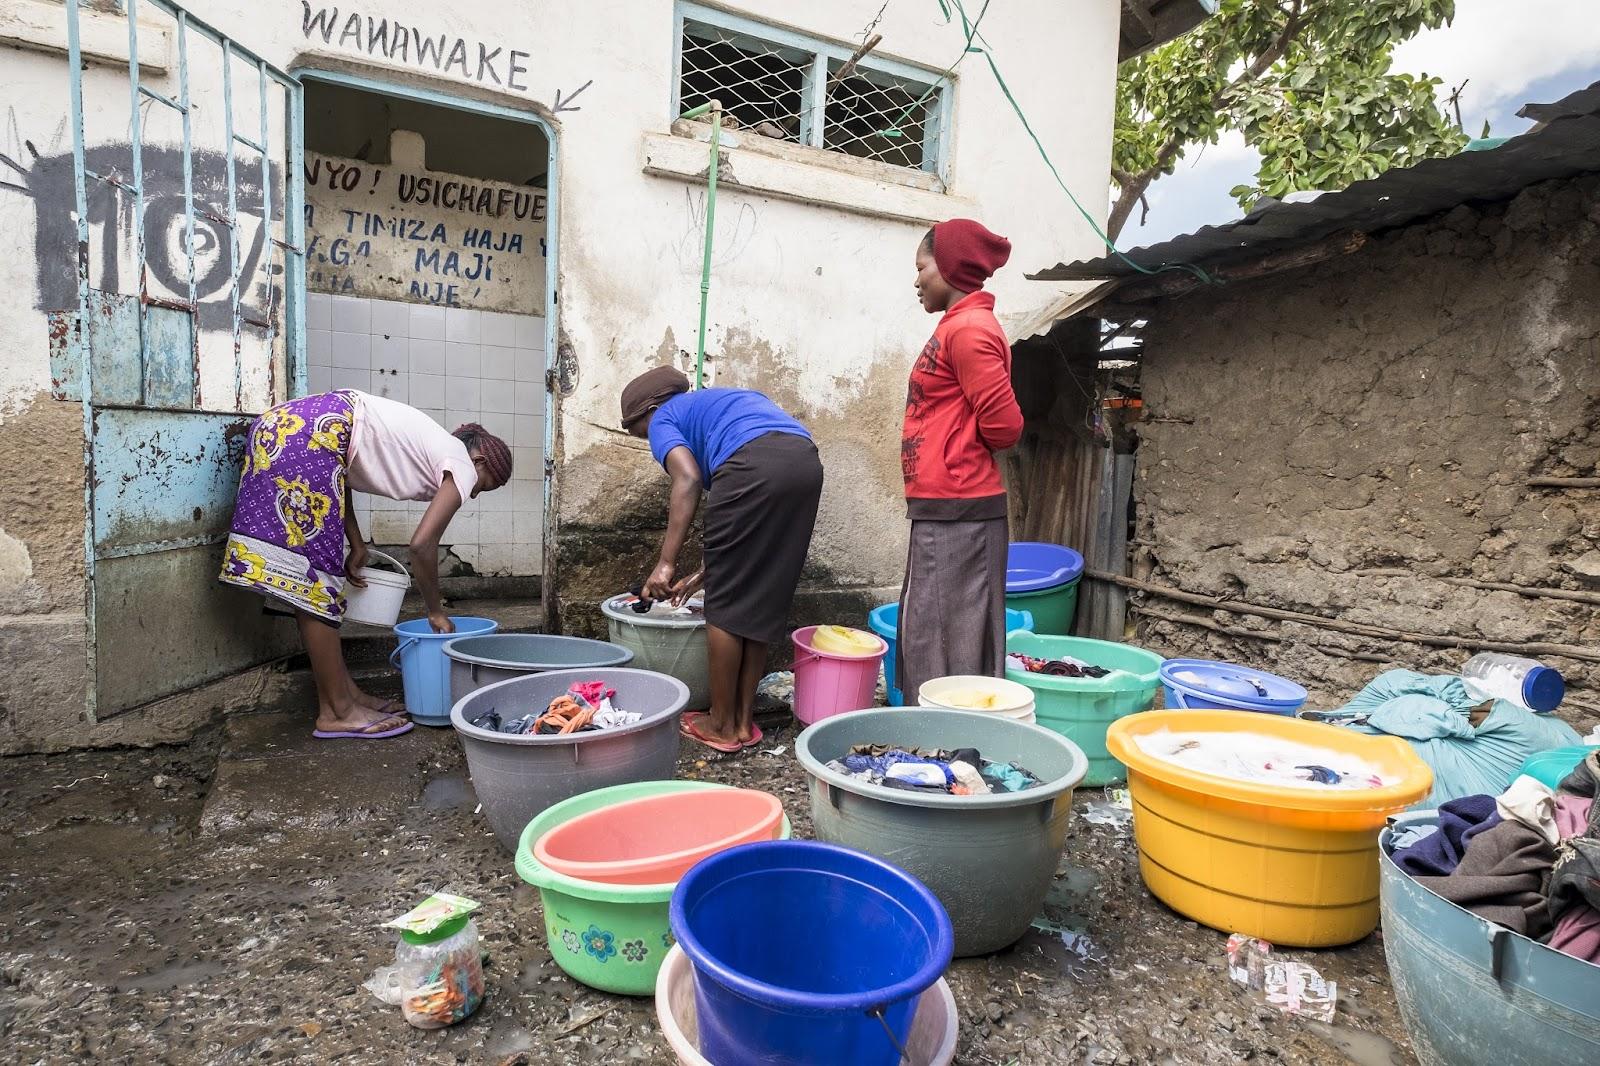 Public toilets and showers managed by Uprising Youth Group in Majengo slum, Pumwani, Nairobi - Kenya.